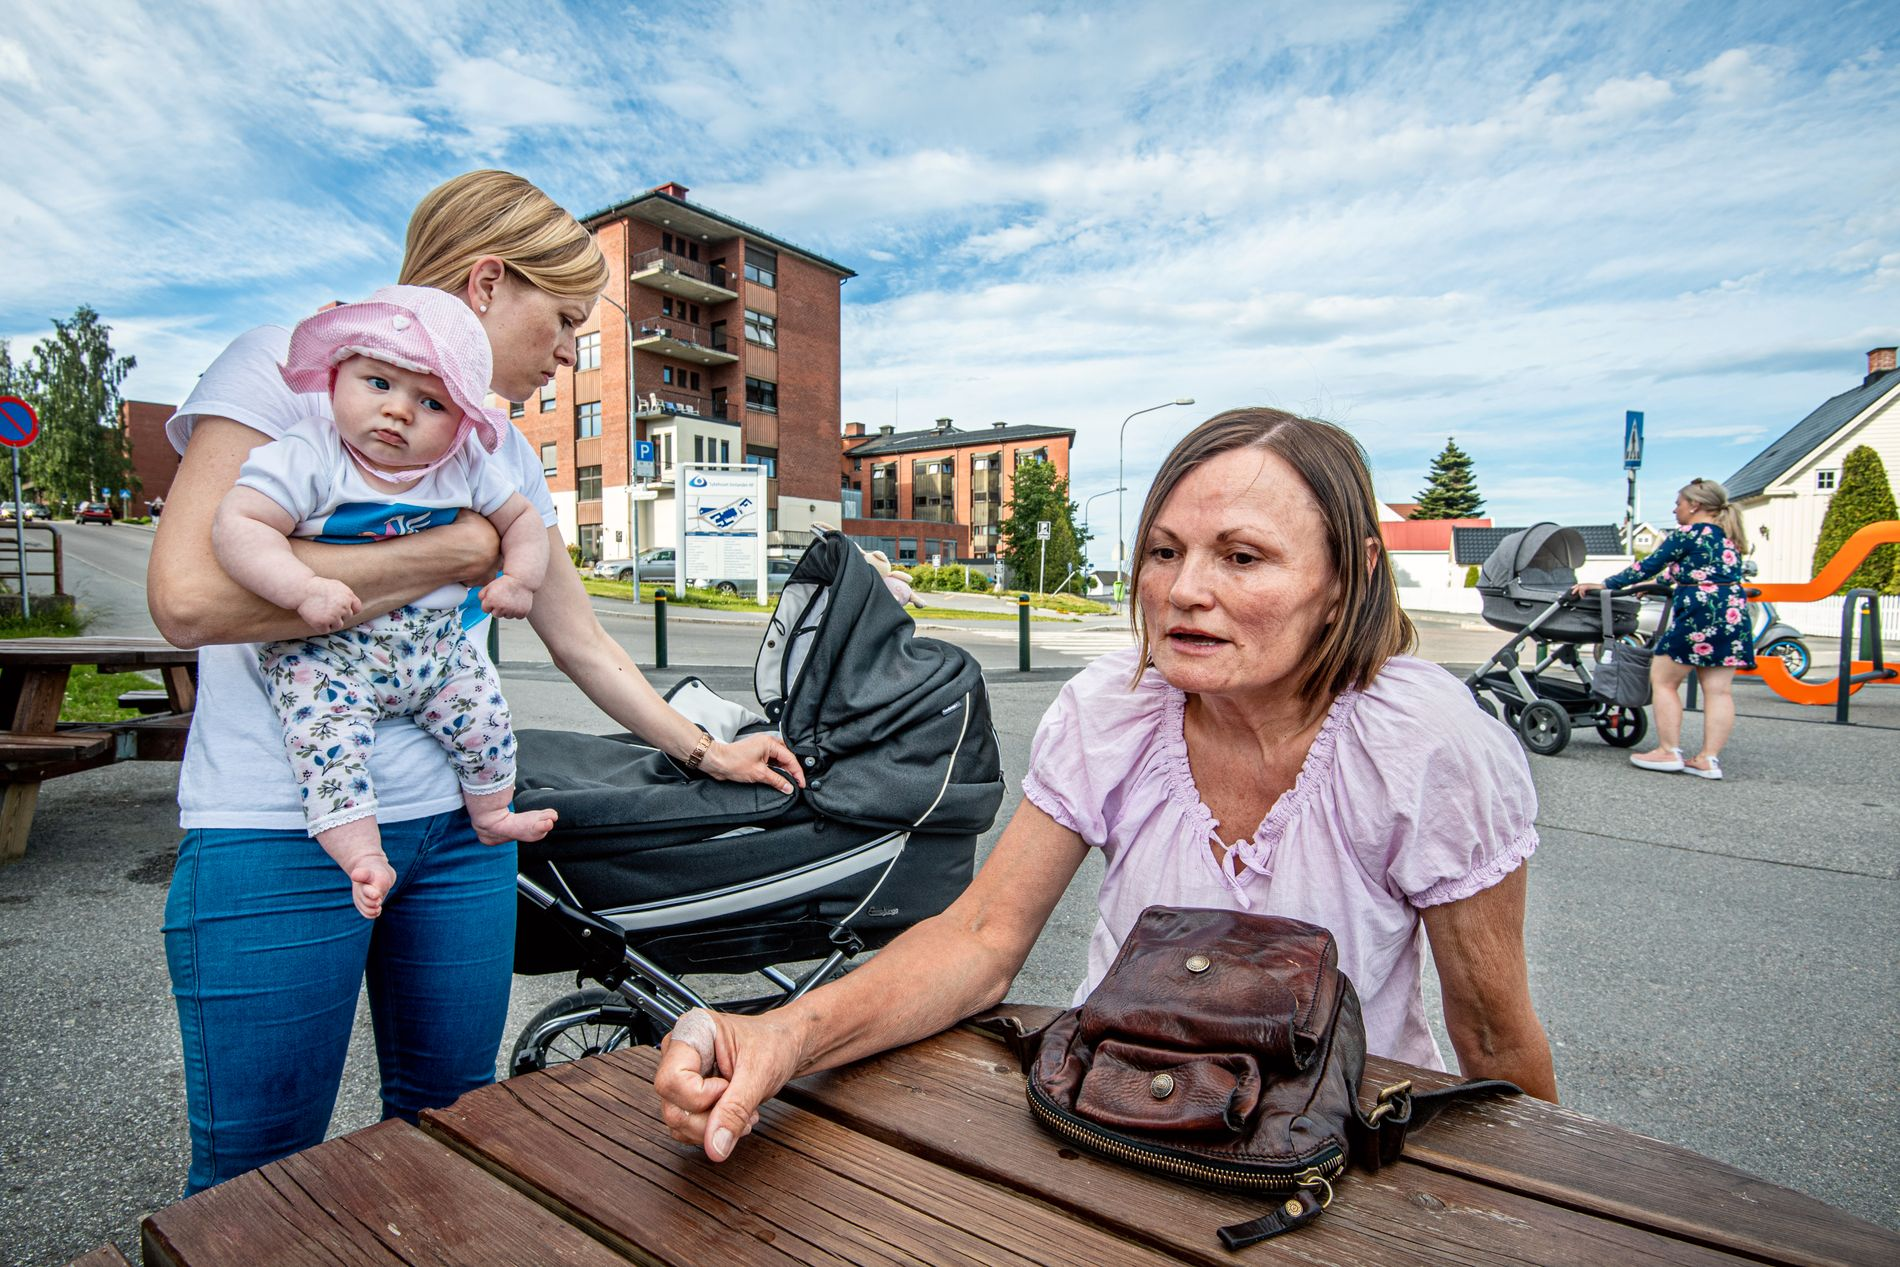 FØDEN PÅ GJØVIK: Marianne Sundlisæter Skinner og jordmor Karen Marie Jacobsen frykter at sommerstengt fødeavdeling er en stille start på en nedleggelse.